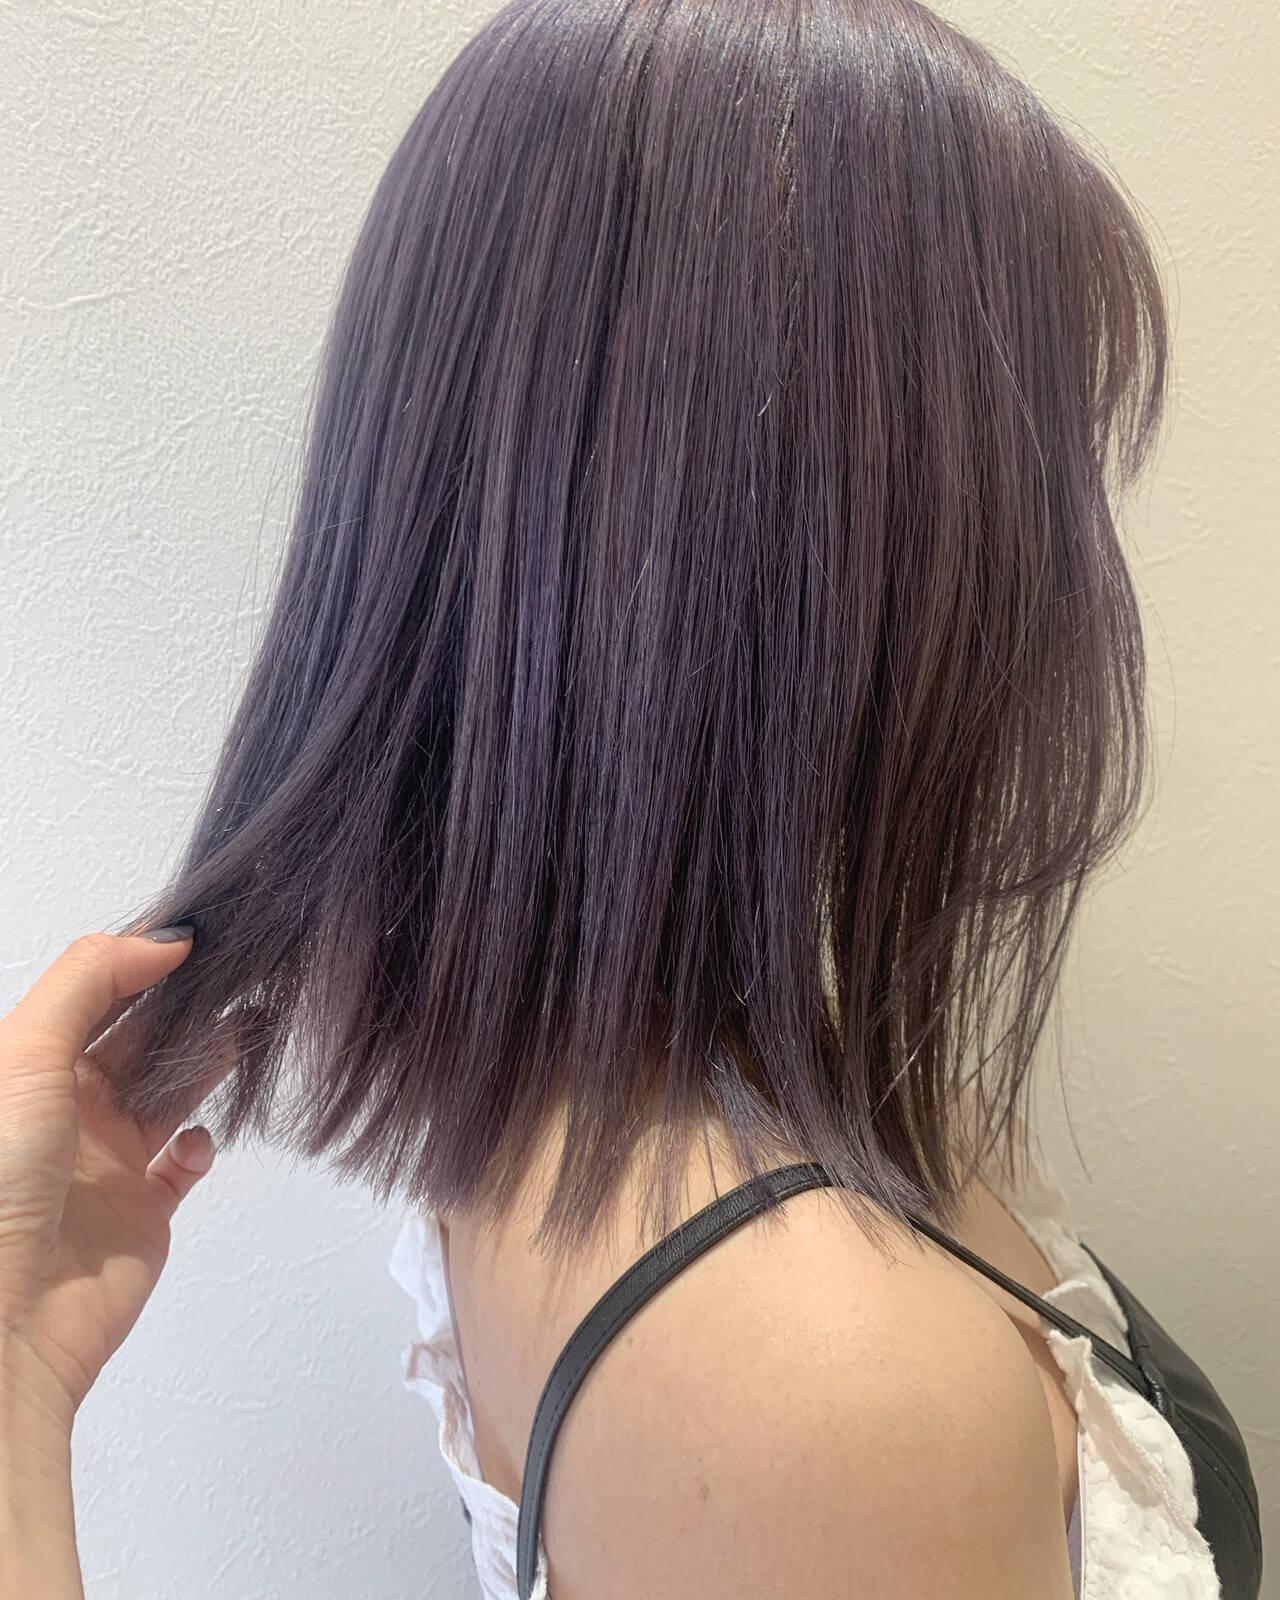 バイオレットカラー ブルーバイオレット ガーリー ラベンダーグレーヘアスタイルや髪型の写真・画像